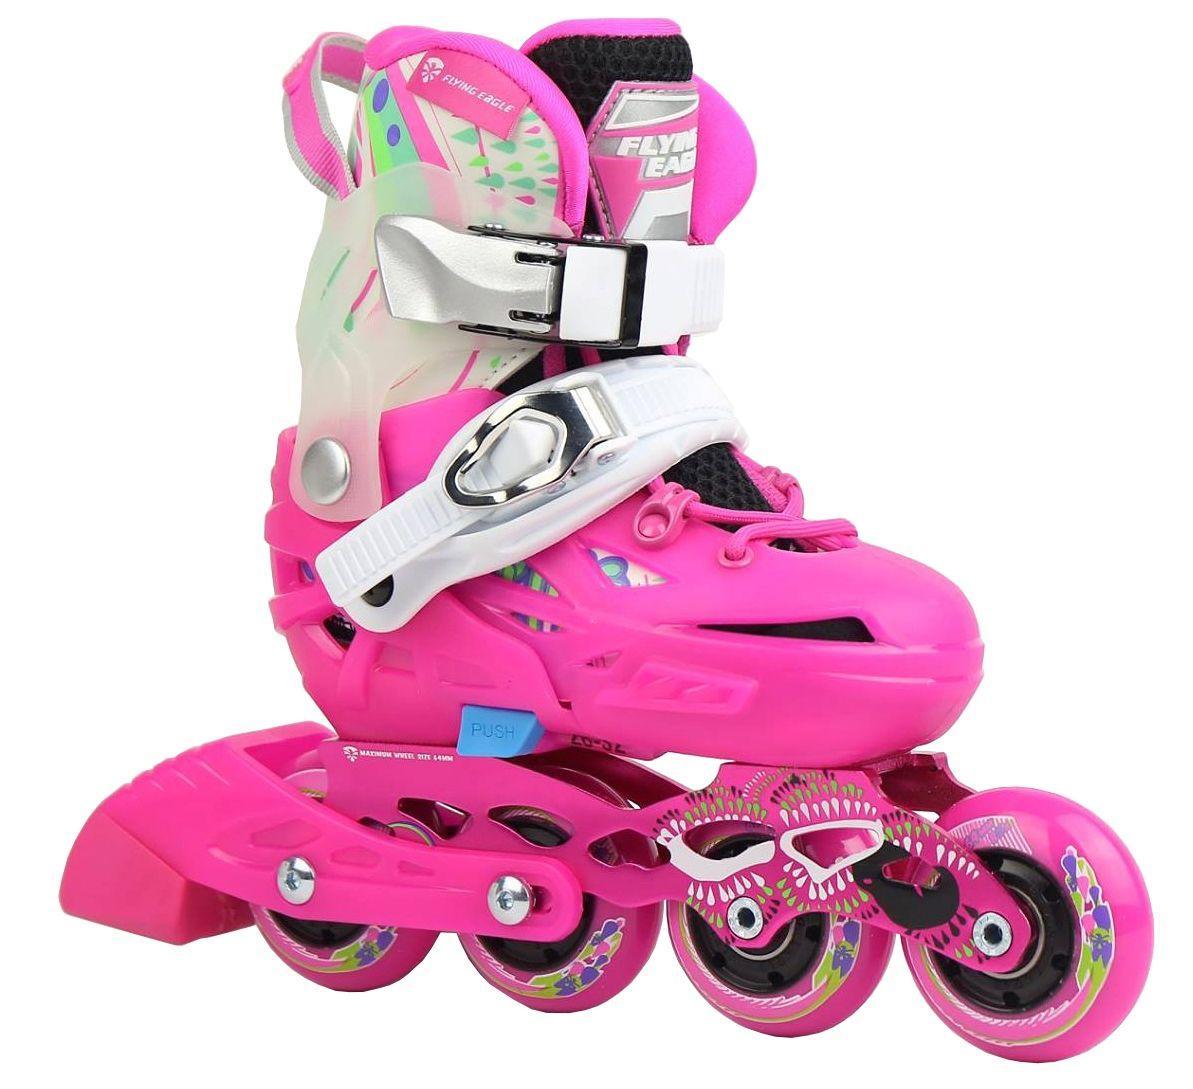 Детские ролики для девочки Flying Eagle S6s(pink)